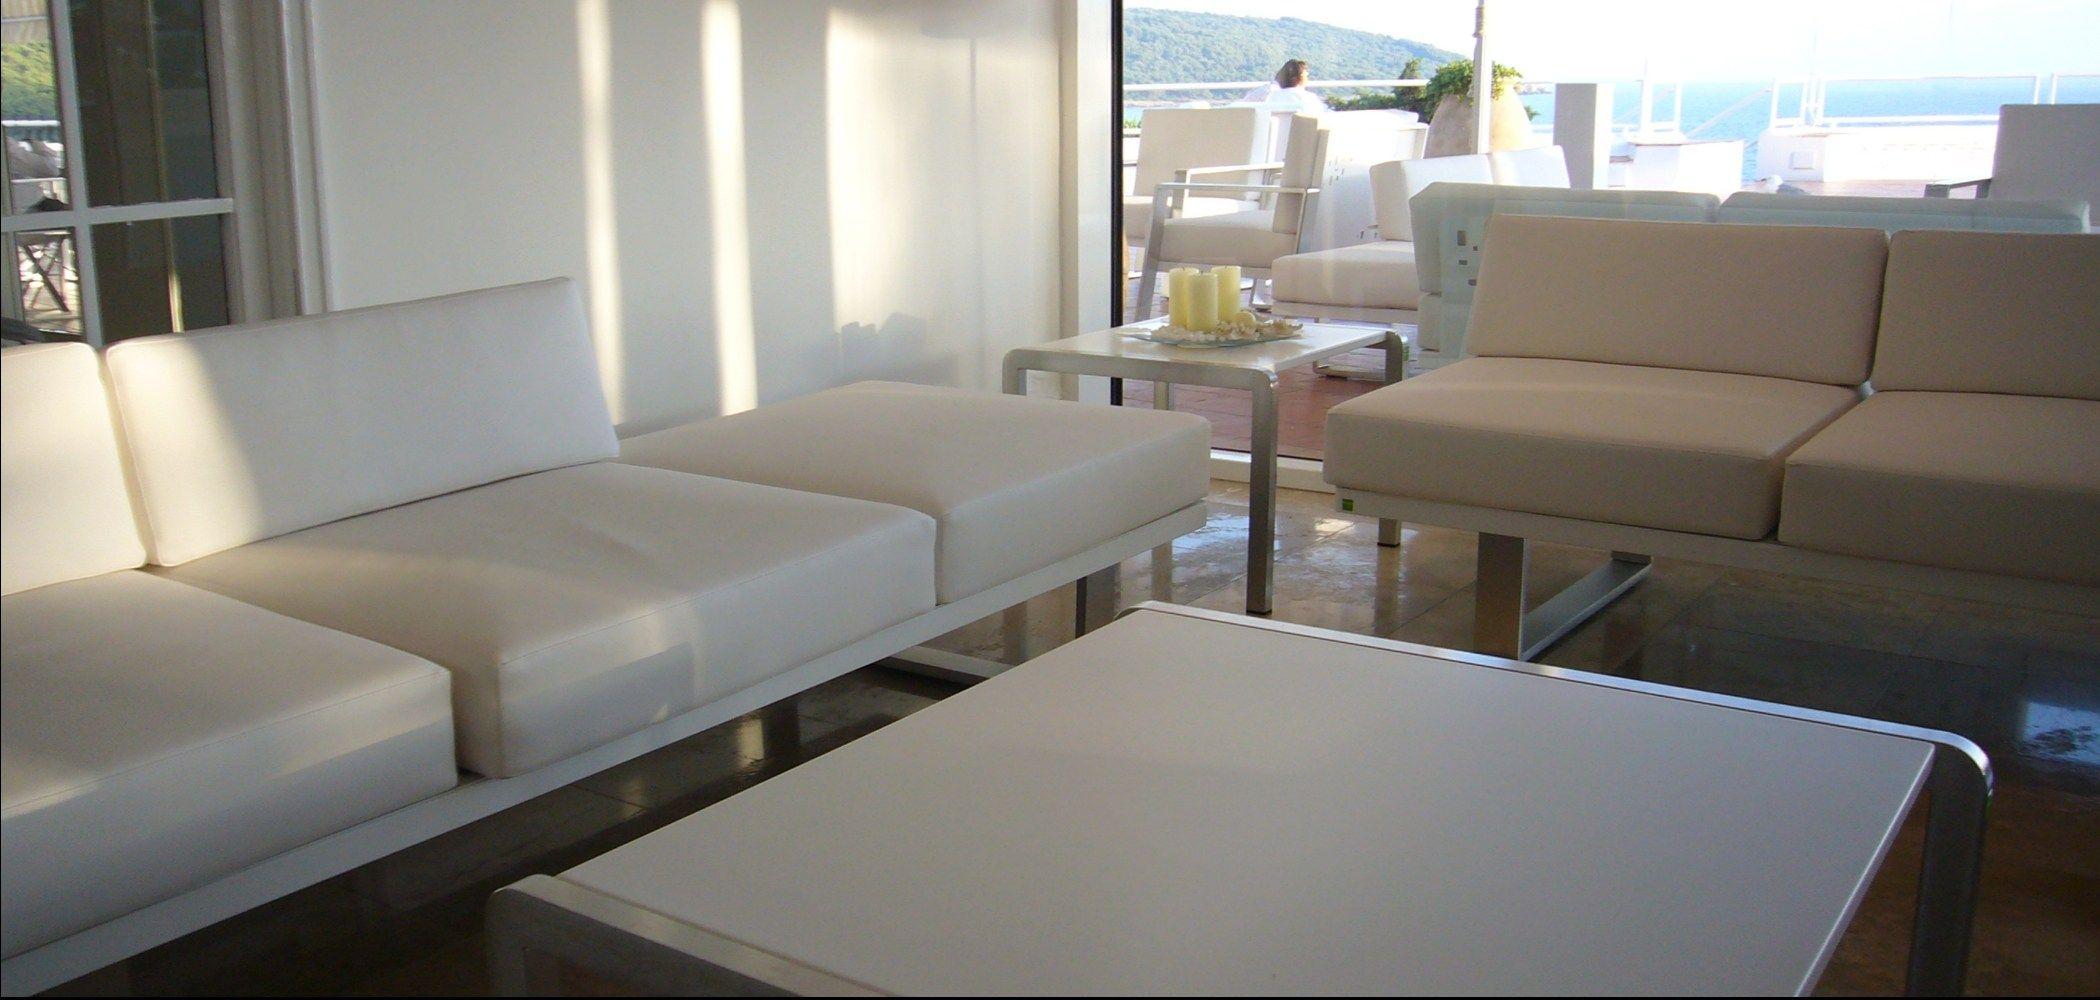 Cossyra isola divano by metalco design alfredo tasca - Divano a isola ...